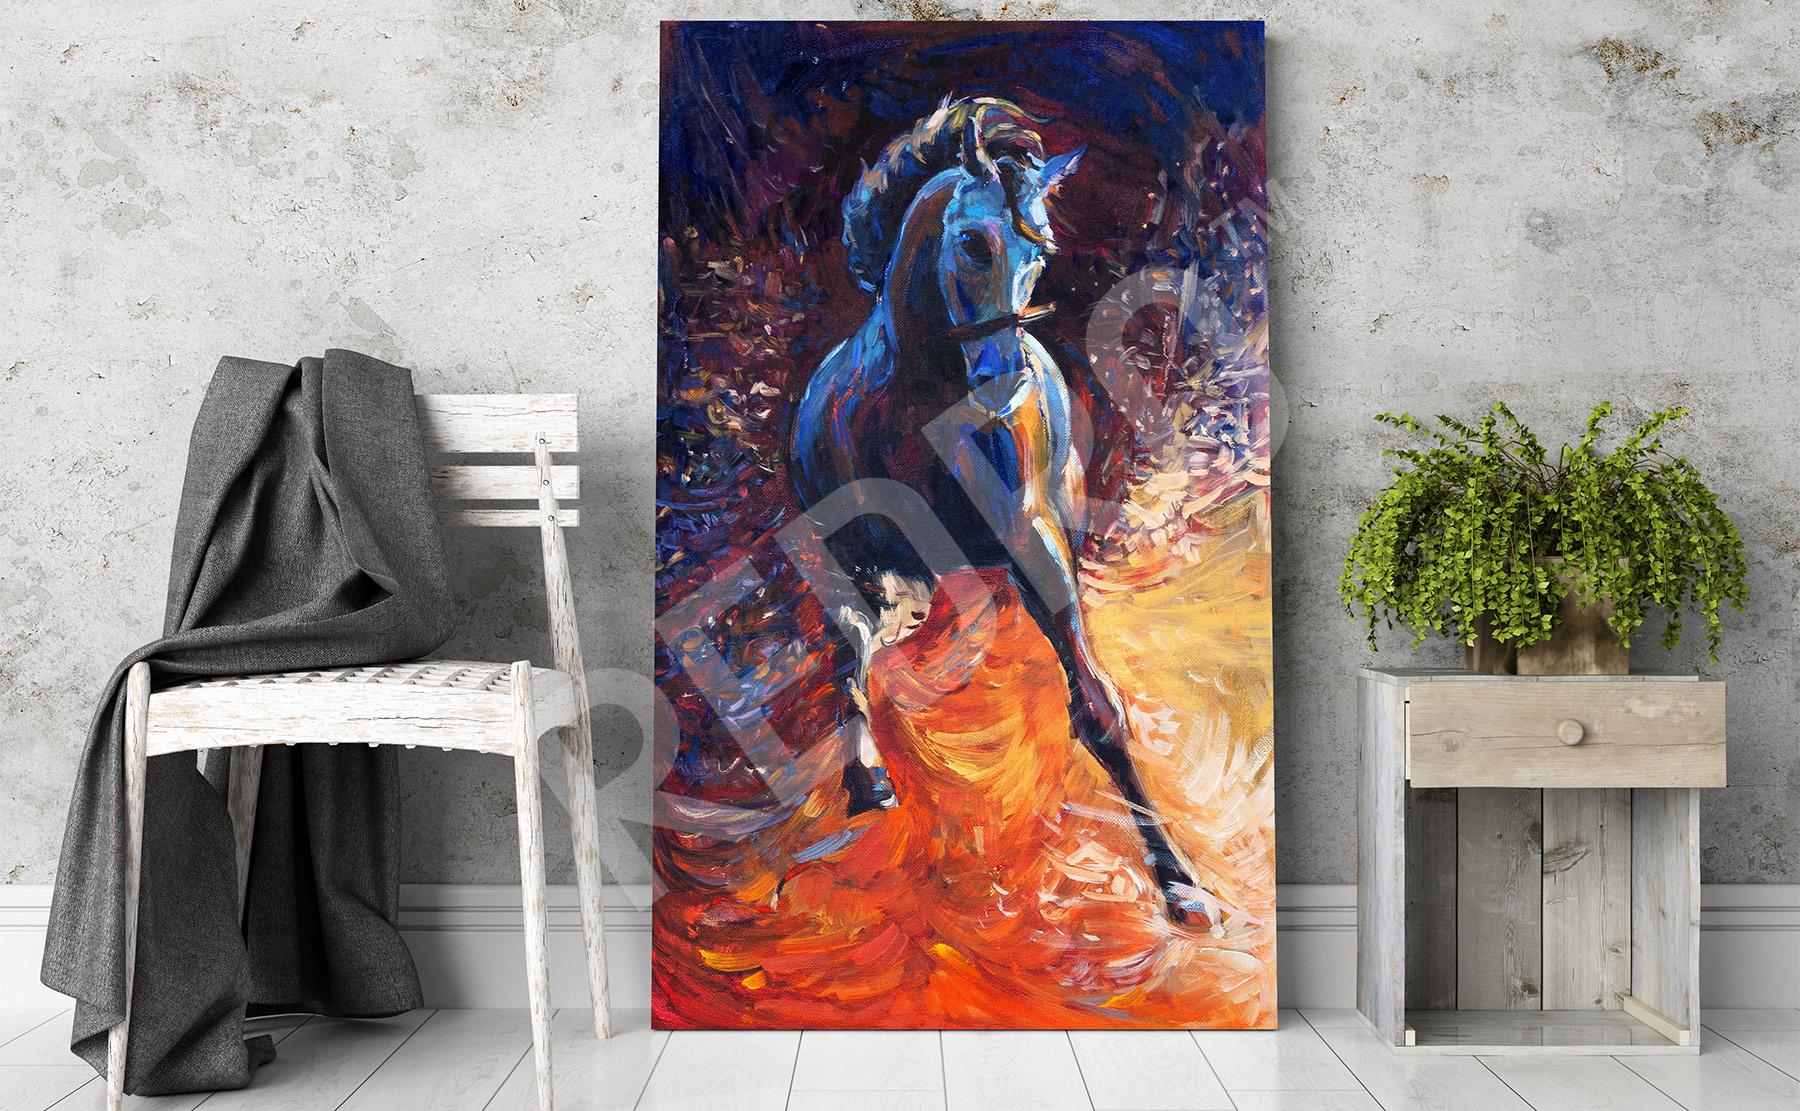 Obrazy Konie Na Wymiar Redropl